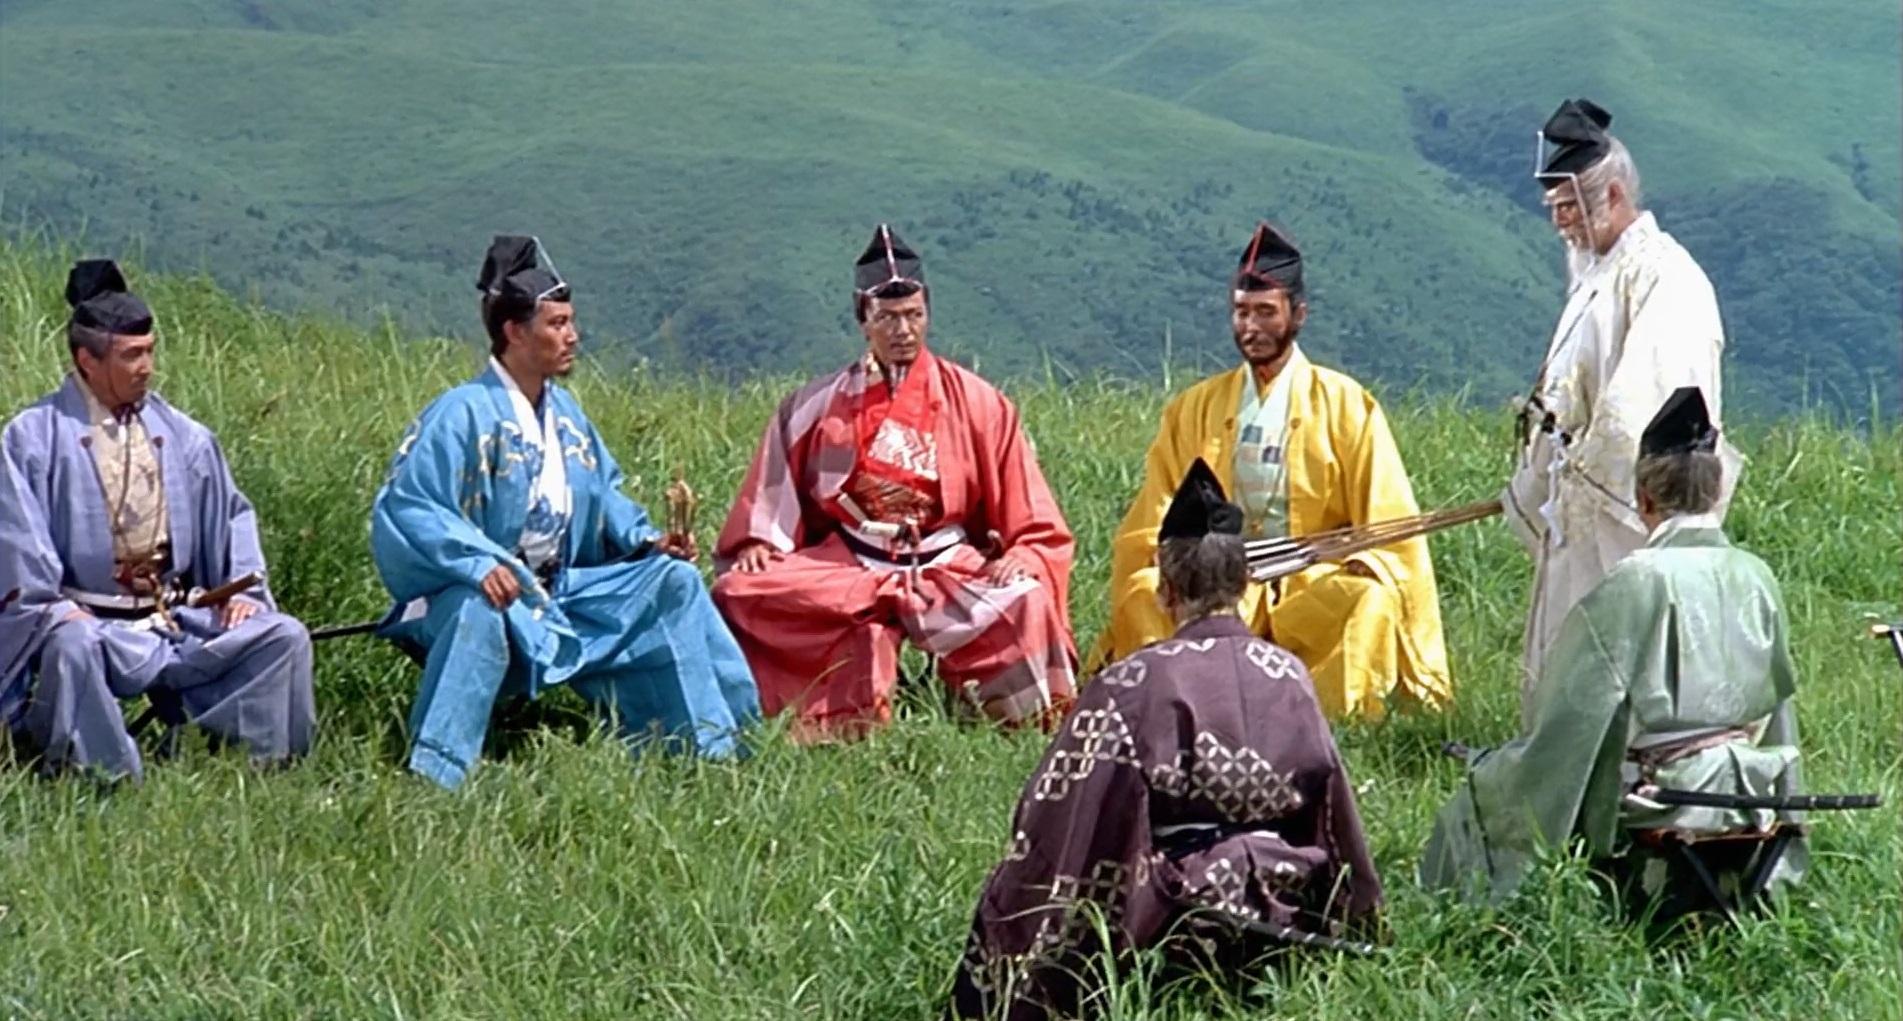 Kazuo Katô, Tatsuya Nakadai, Jinpachi Nezu, Daisuke Ryû, Jun Tazaki, Akira Terao, and Hitoshi Ueki in Ran (1985)